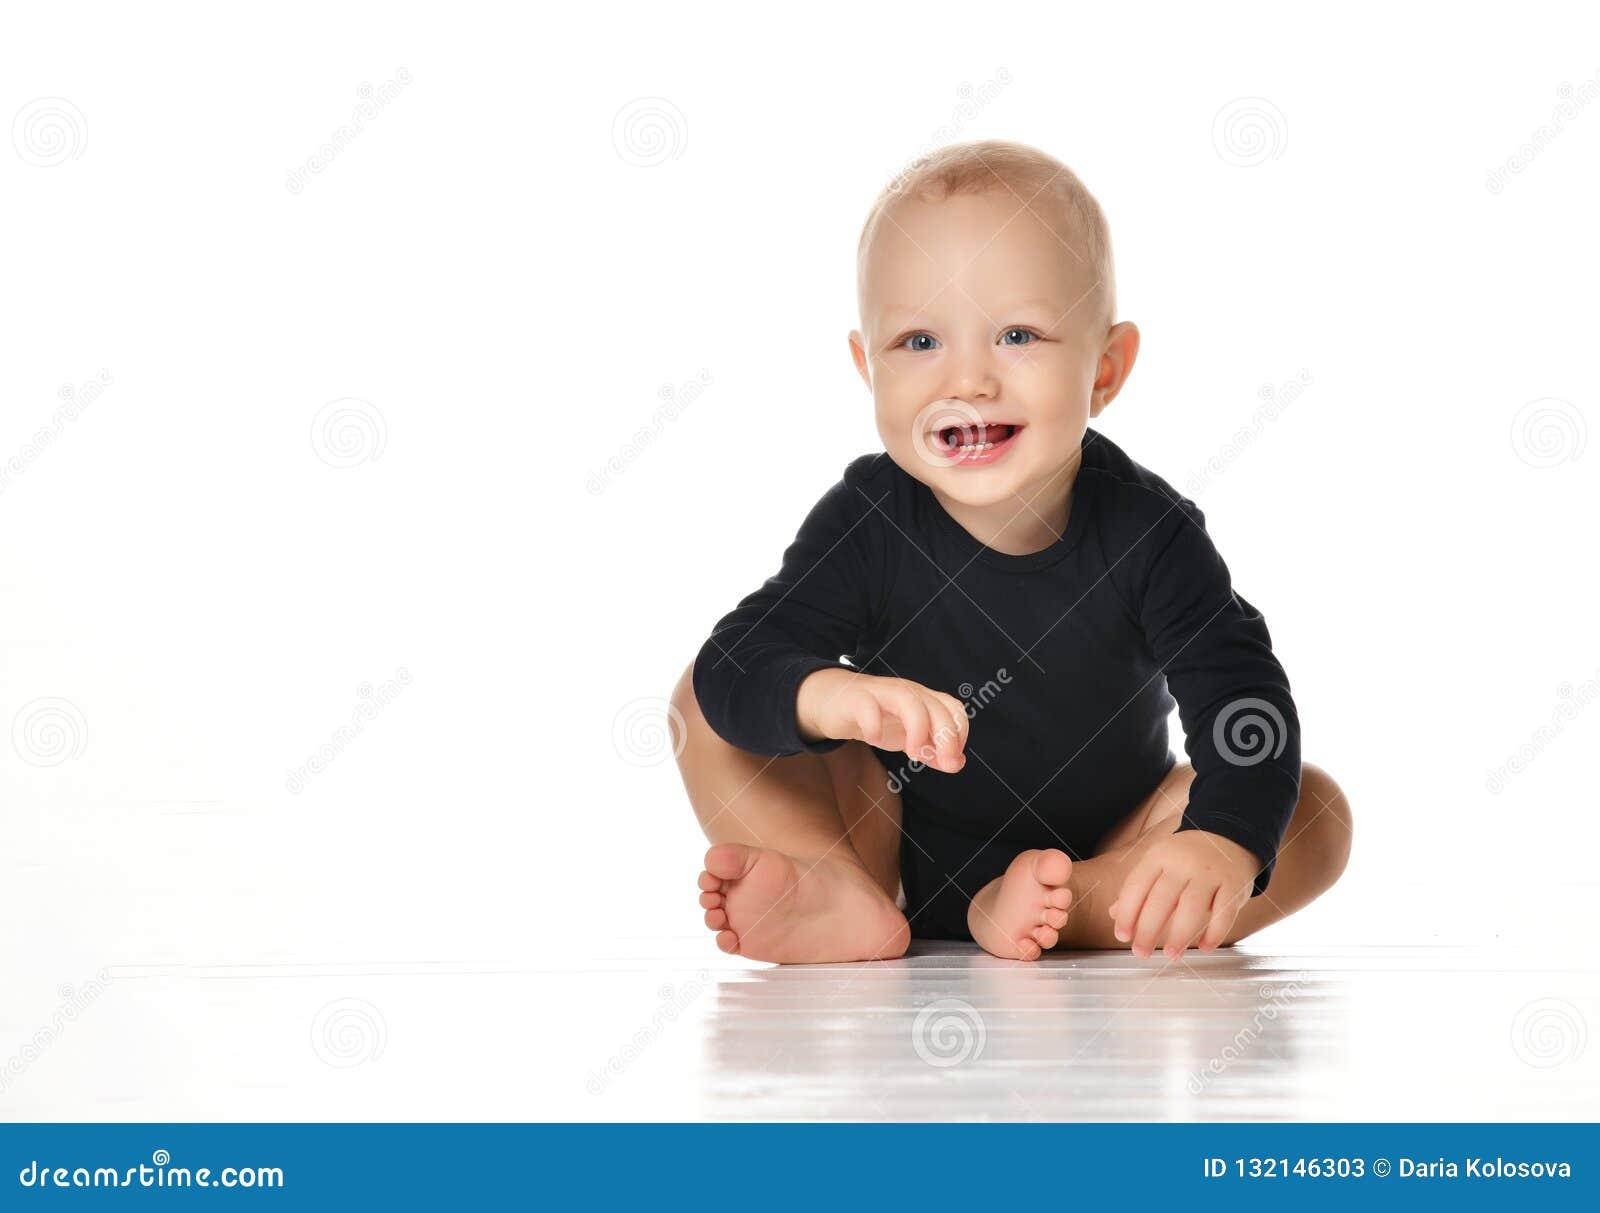 Смотреть младенческого малыша младенца ребенка вползая счастливый прямо изолированный на белой предпосылке